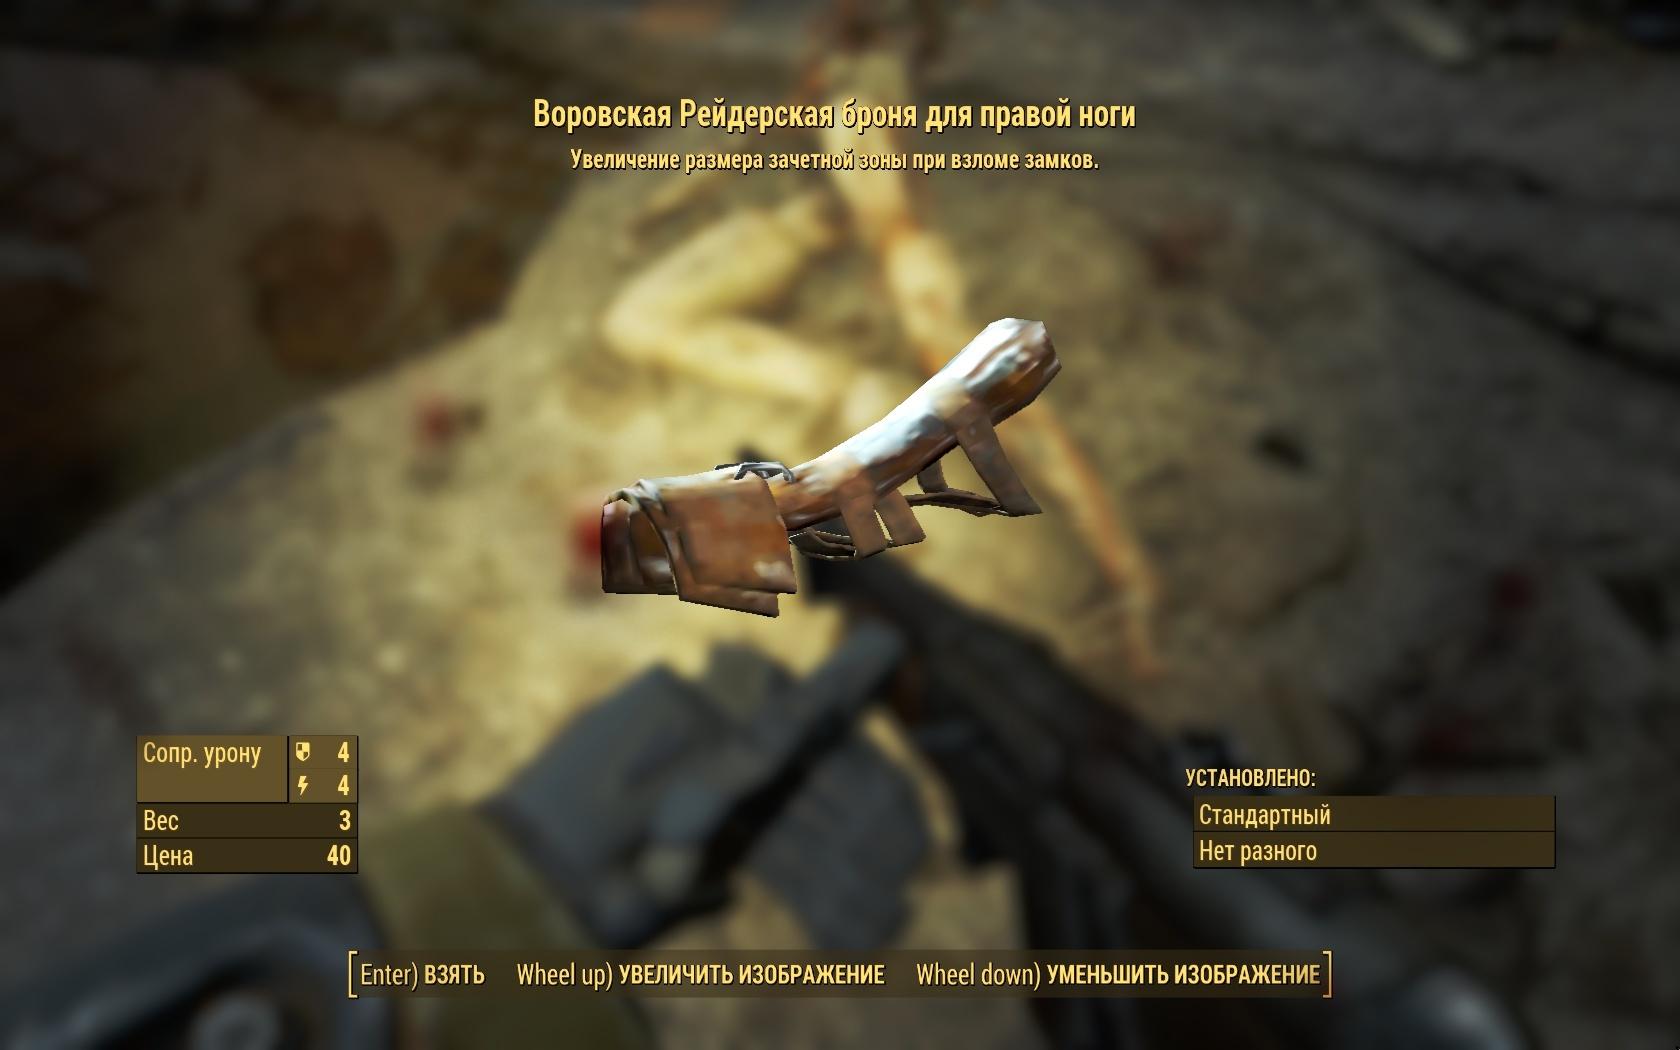 Воровская рейдерская броня для правой ноги - Fallout 4 броня, Воровская, Одежда, рейдерская